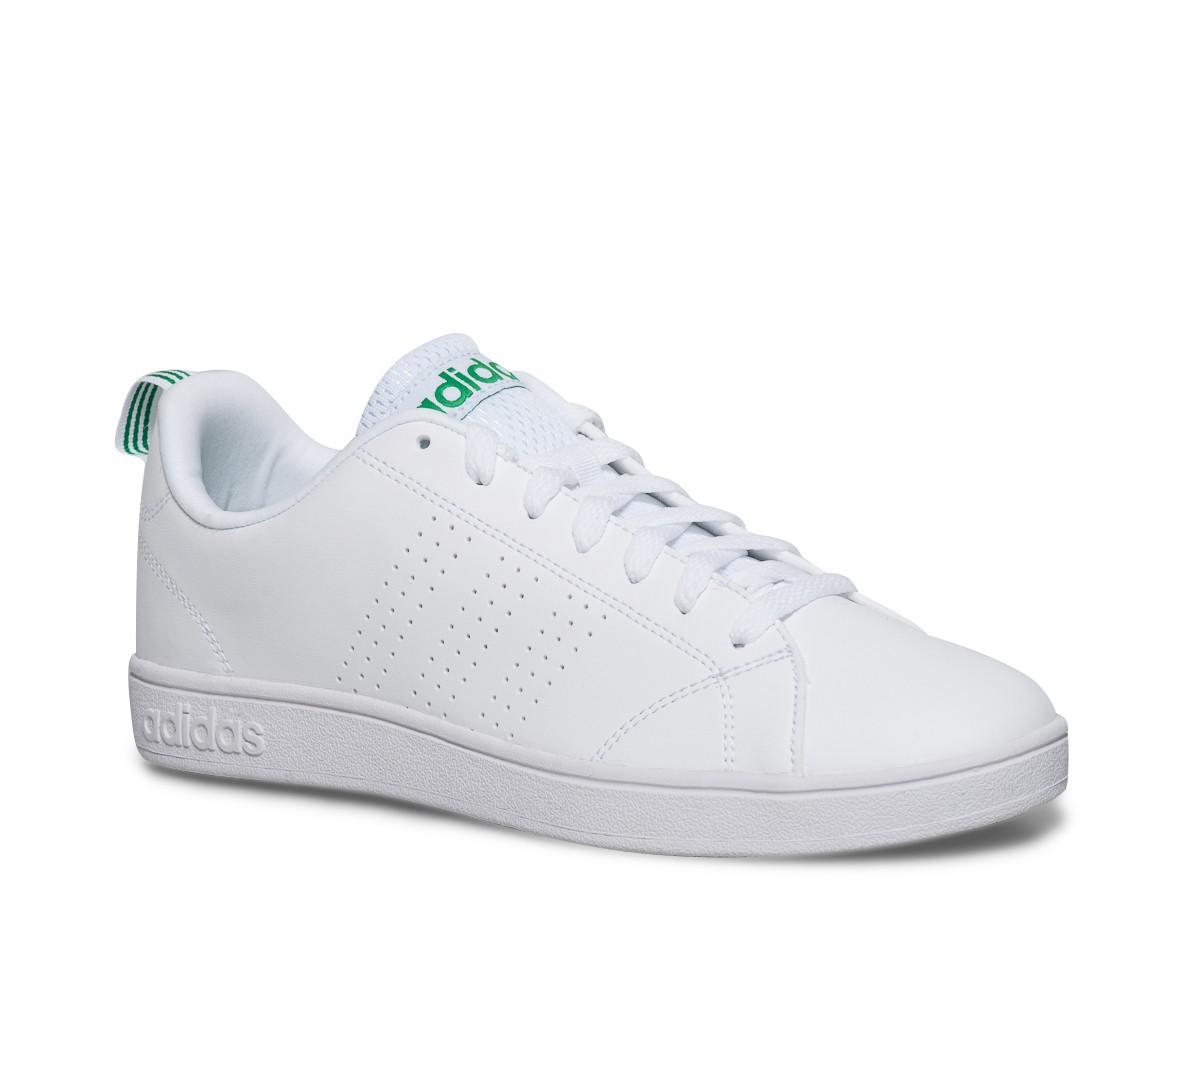 Prix de gros basket blanche adidas femme France vente en ligne, toutes les  gammes de 6f8a0514349c